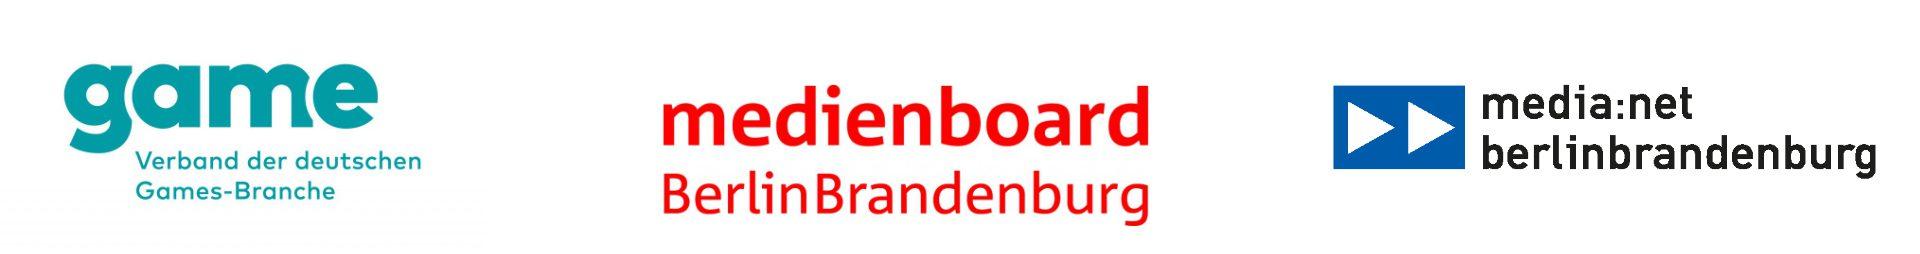 Logos of Game Verband, Medienboard Berlin-Brandenburg and media net Berlin-Brandenburg